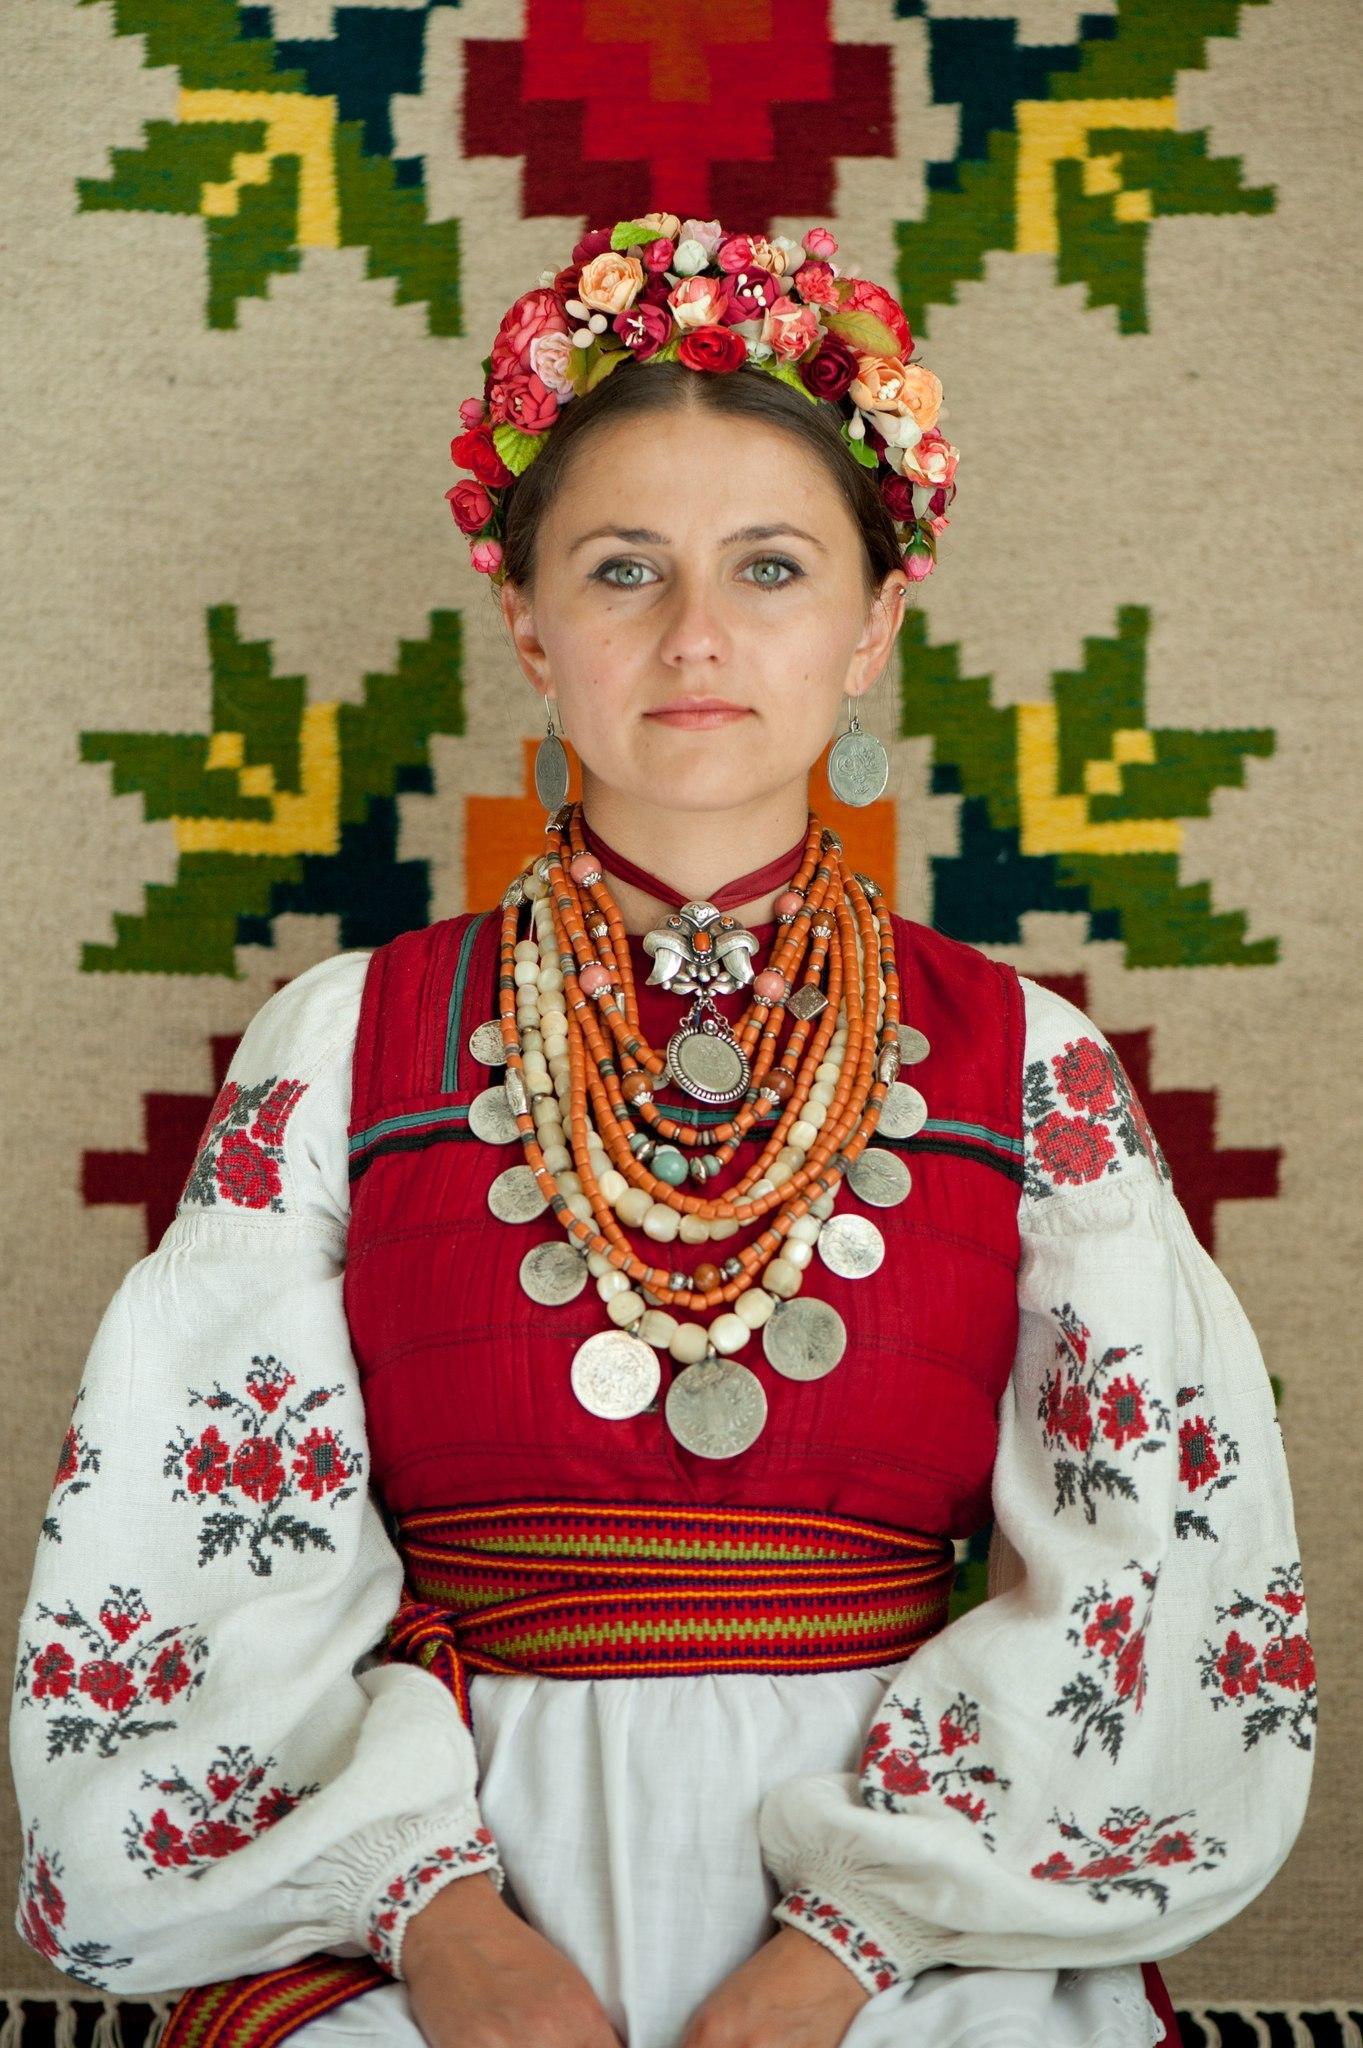 Wikipediafr - Rsultats pour Ukraine sur Wikipdia en